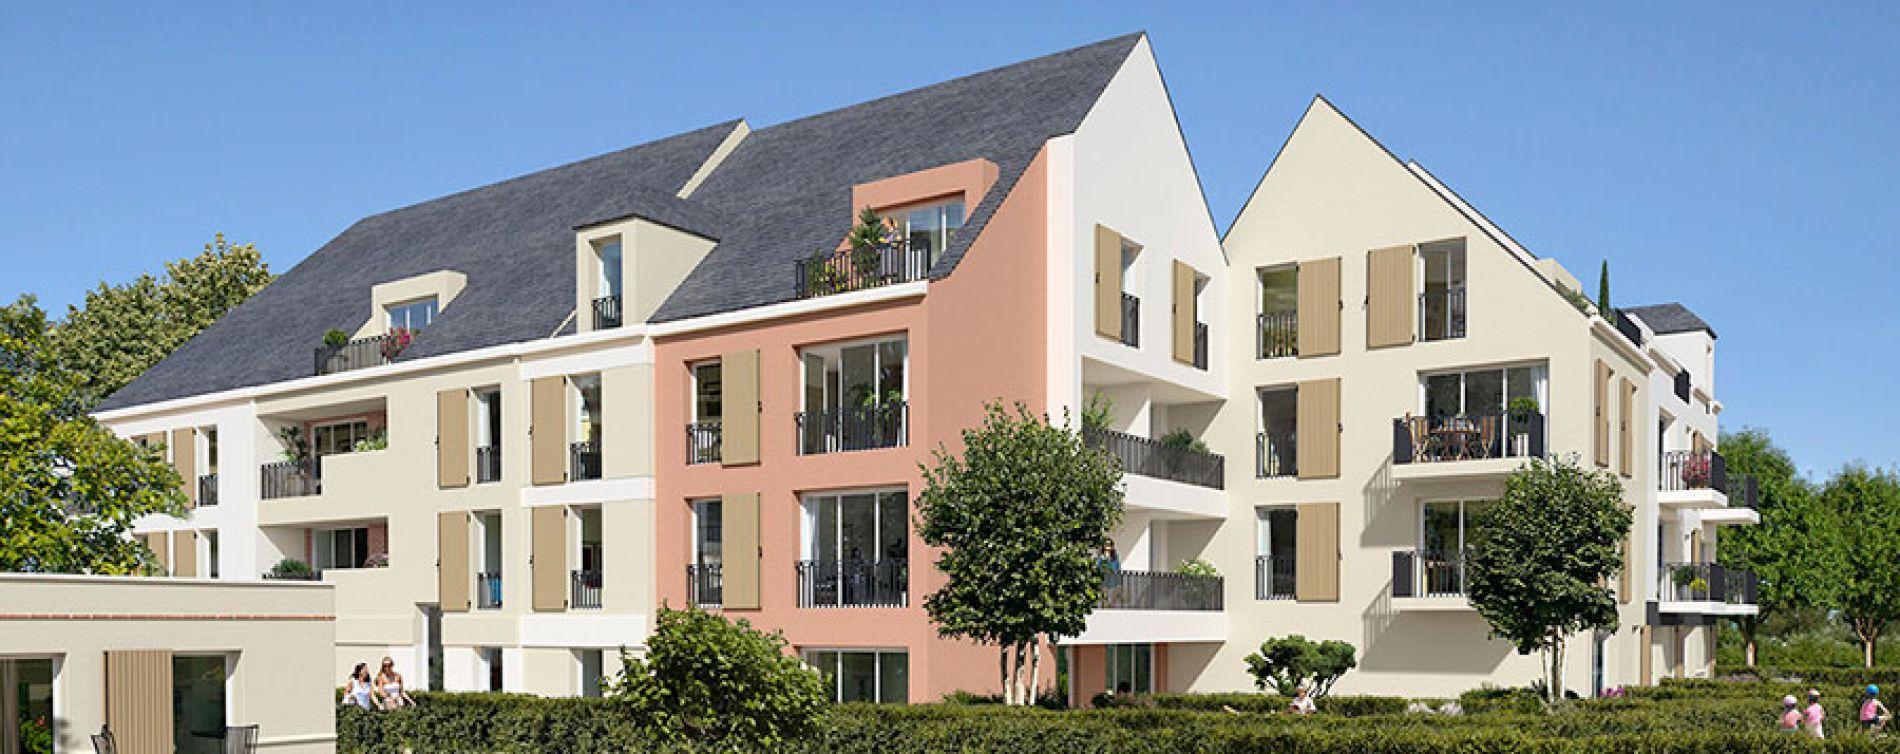 Beauvais : programme immobilier neuve « Le Clos de l'Horloge » en Loi Pinel